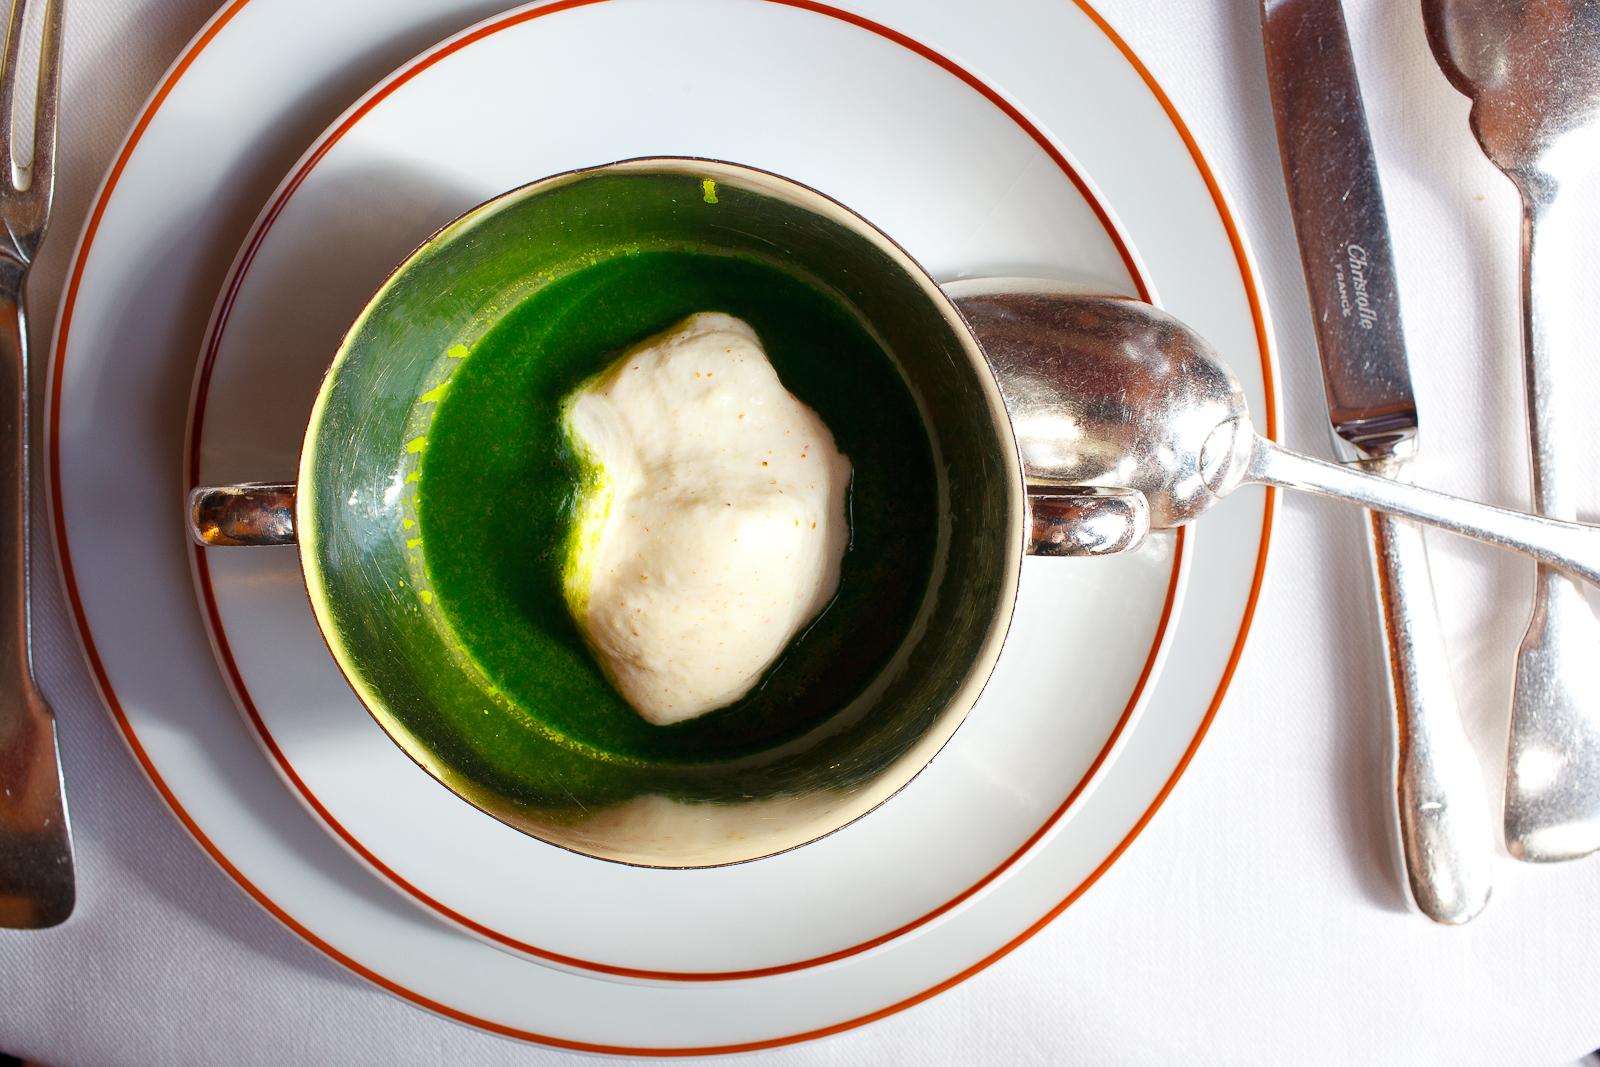 Lettuce velouté with Moutarde d'Orléans